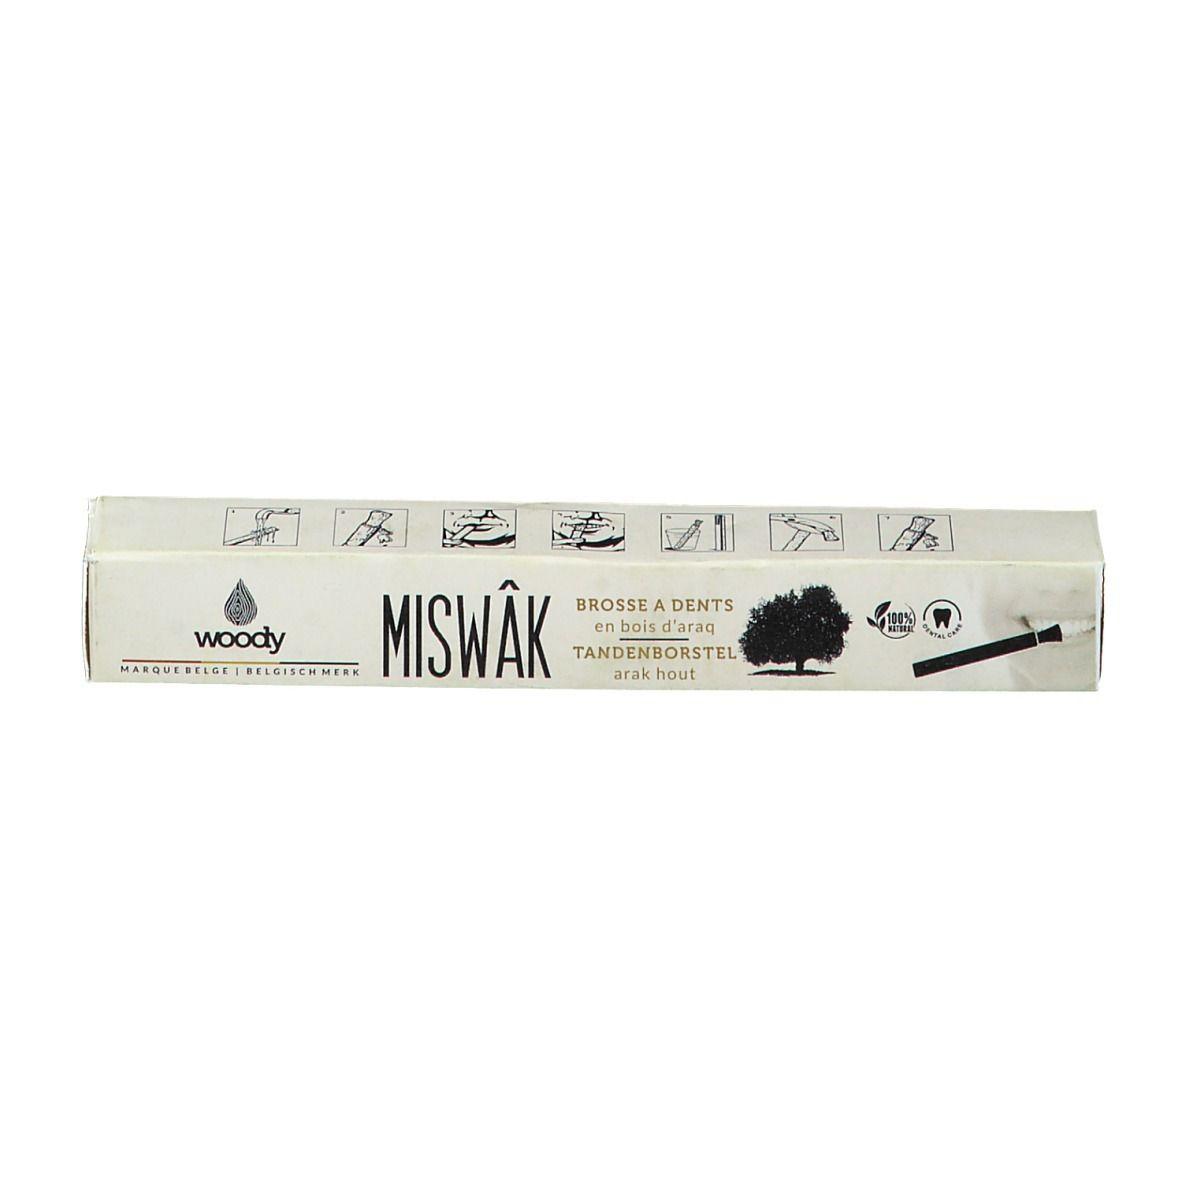 Woody Miswak Brosse à dents en bois d'araq pc(s) brosse(s) à dents